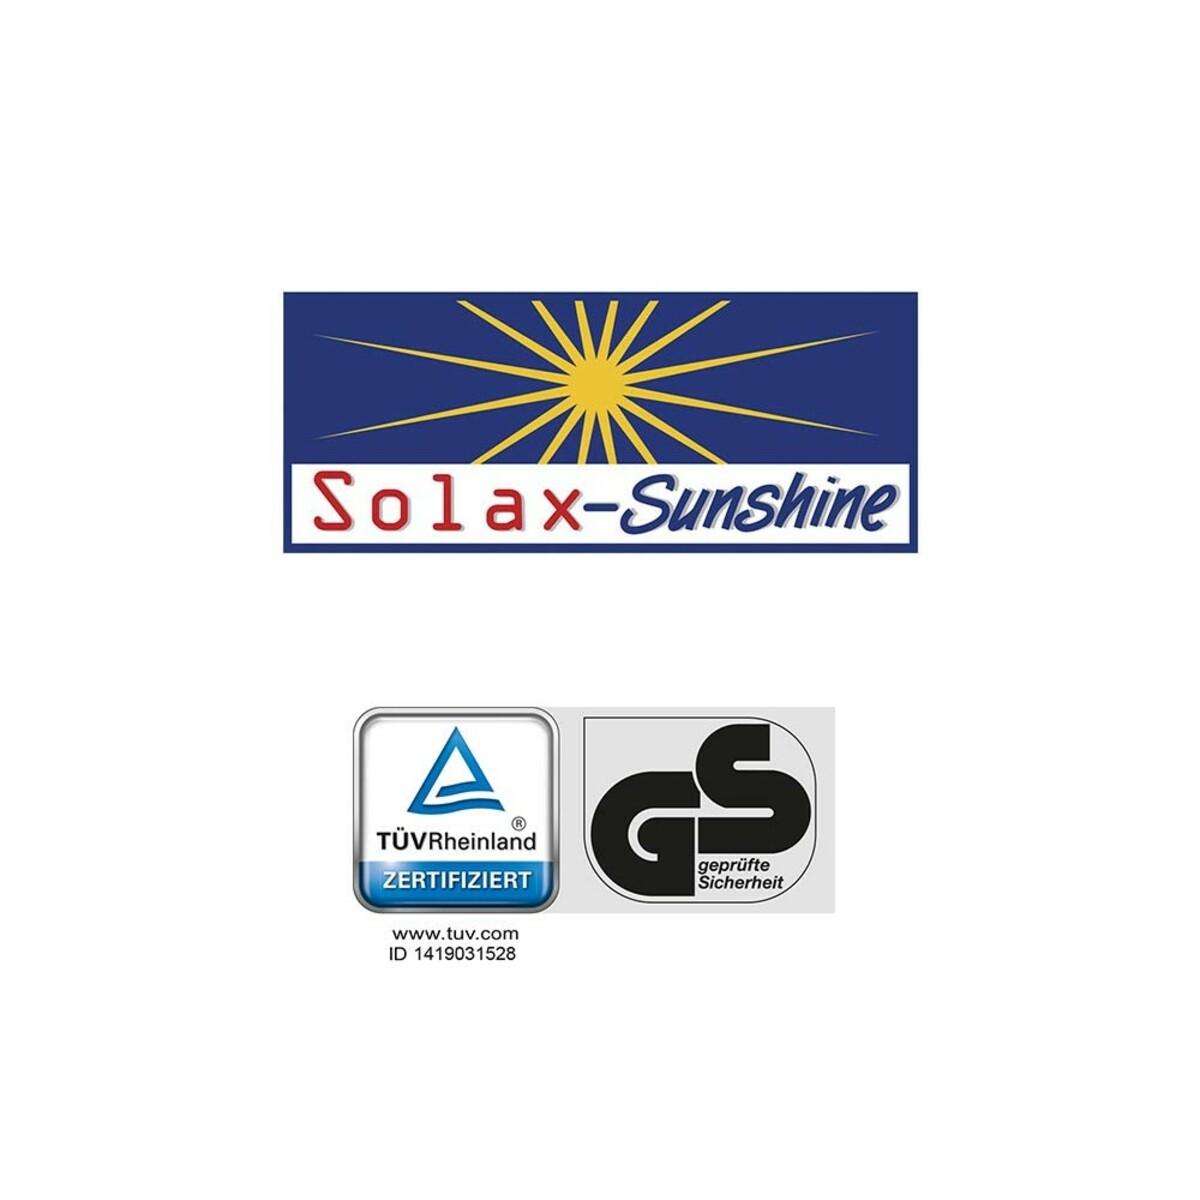 Bild 2 von Solax-Sunshine Garten- und Saunaliege, Blau